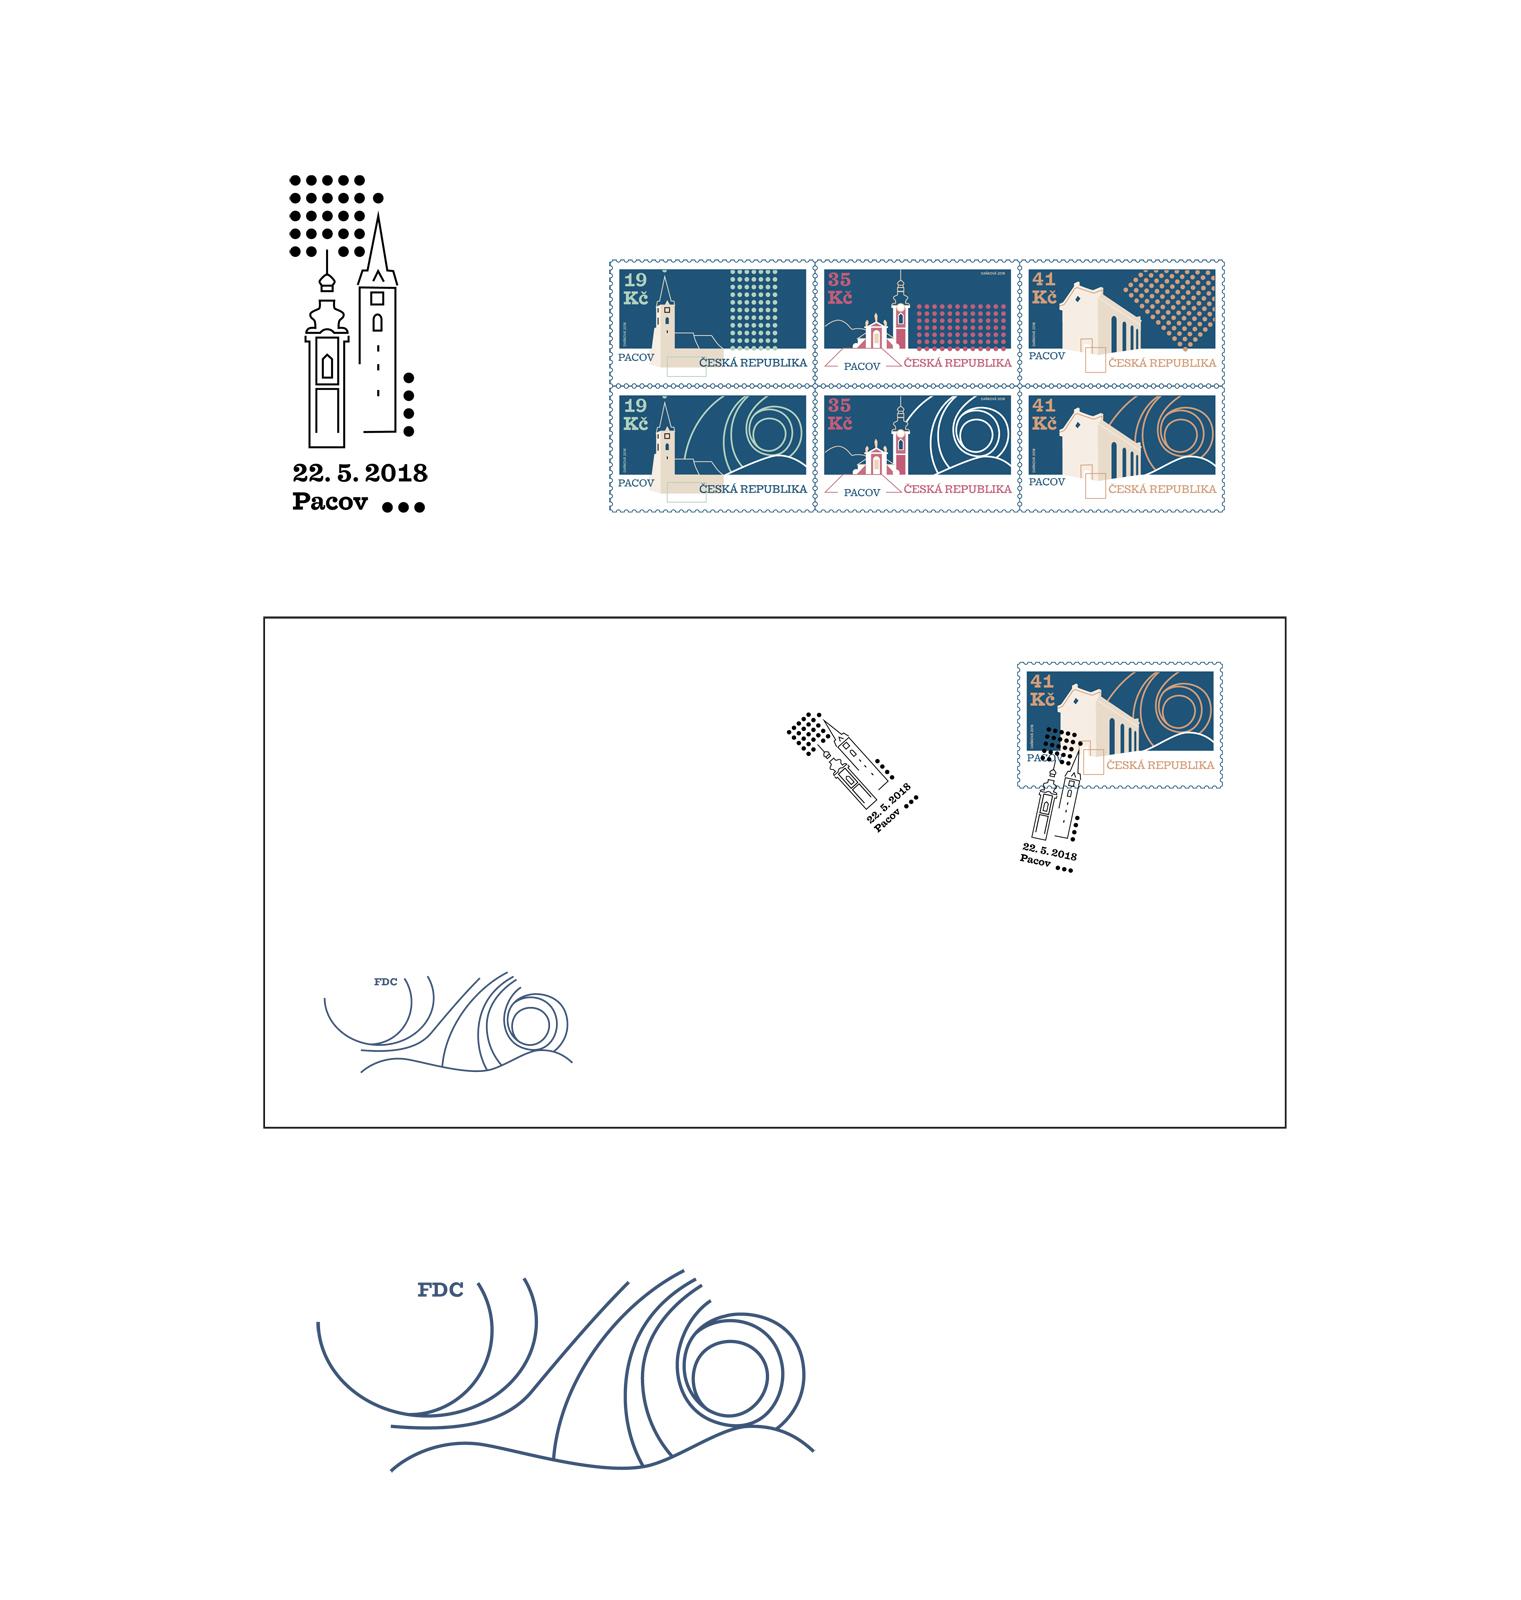 G1A01 <br> Série známek, FDC, razítko, přítisk <br> klauzurní práce | 1 ročník <br>